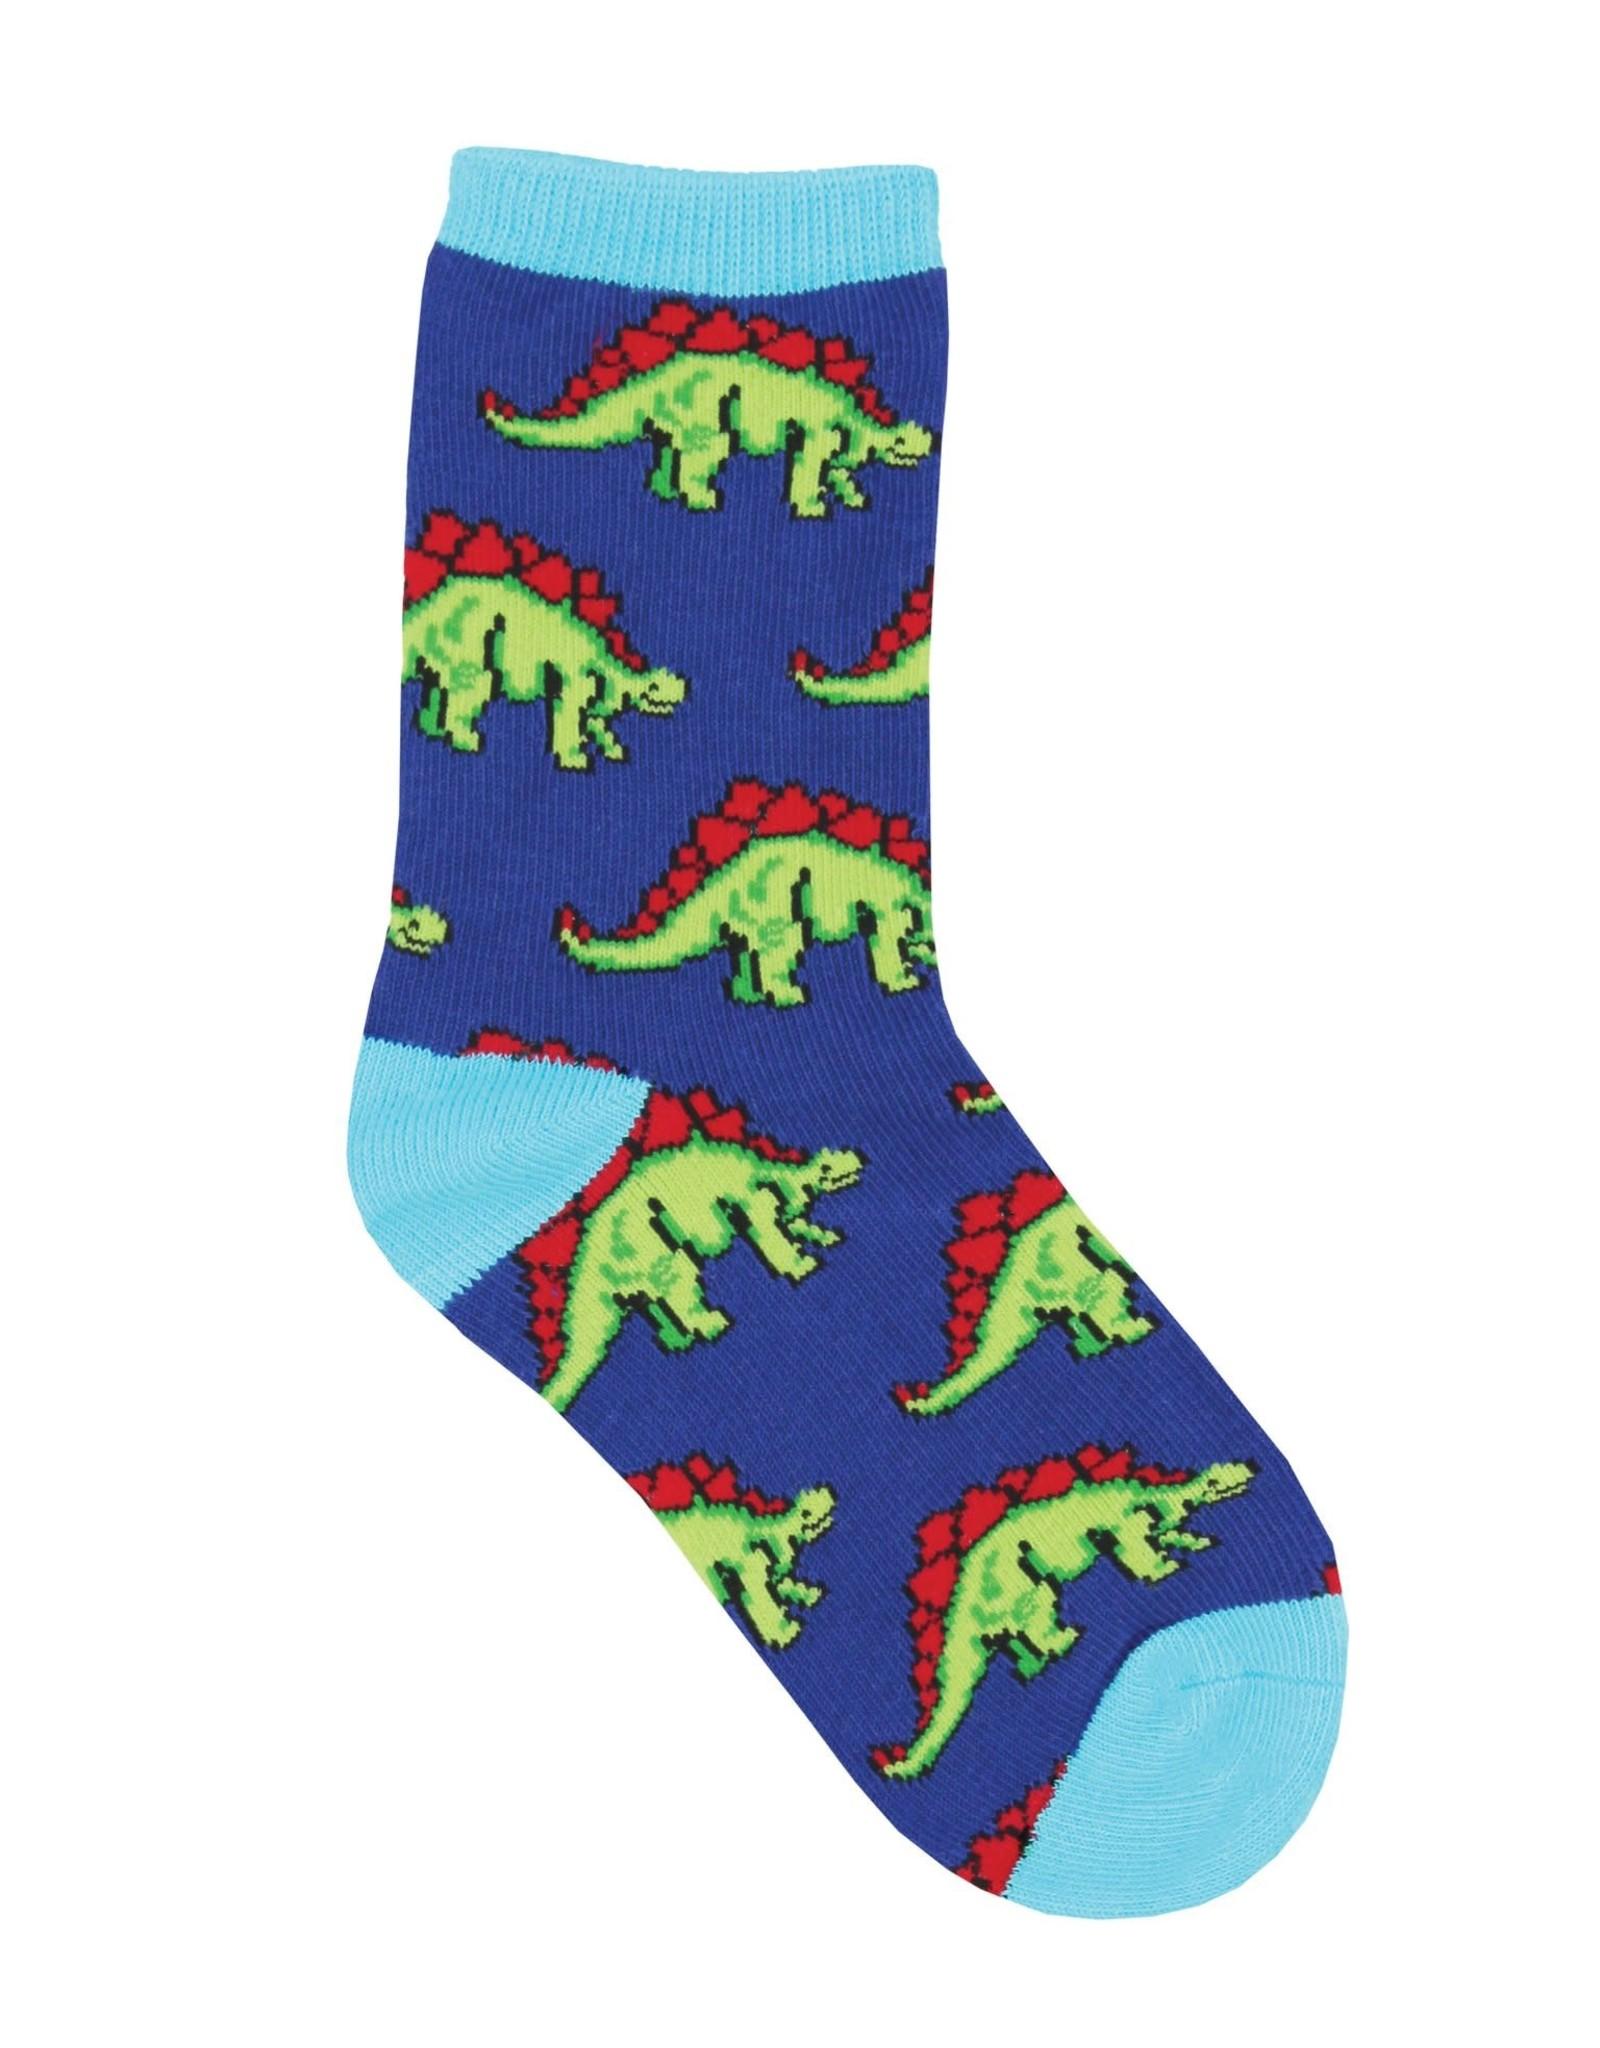 Socksmith Leggo My Stego Socks